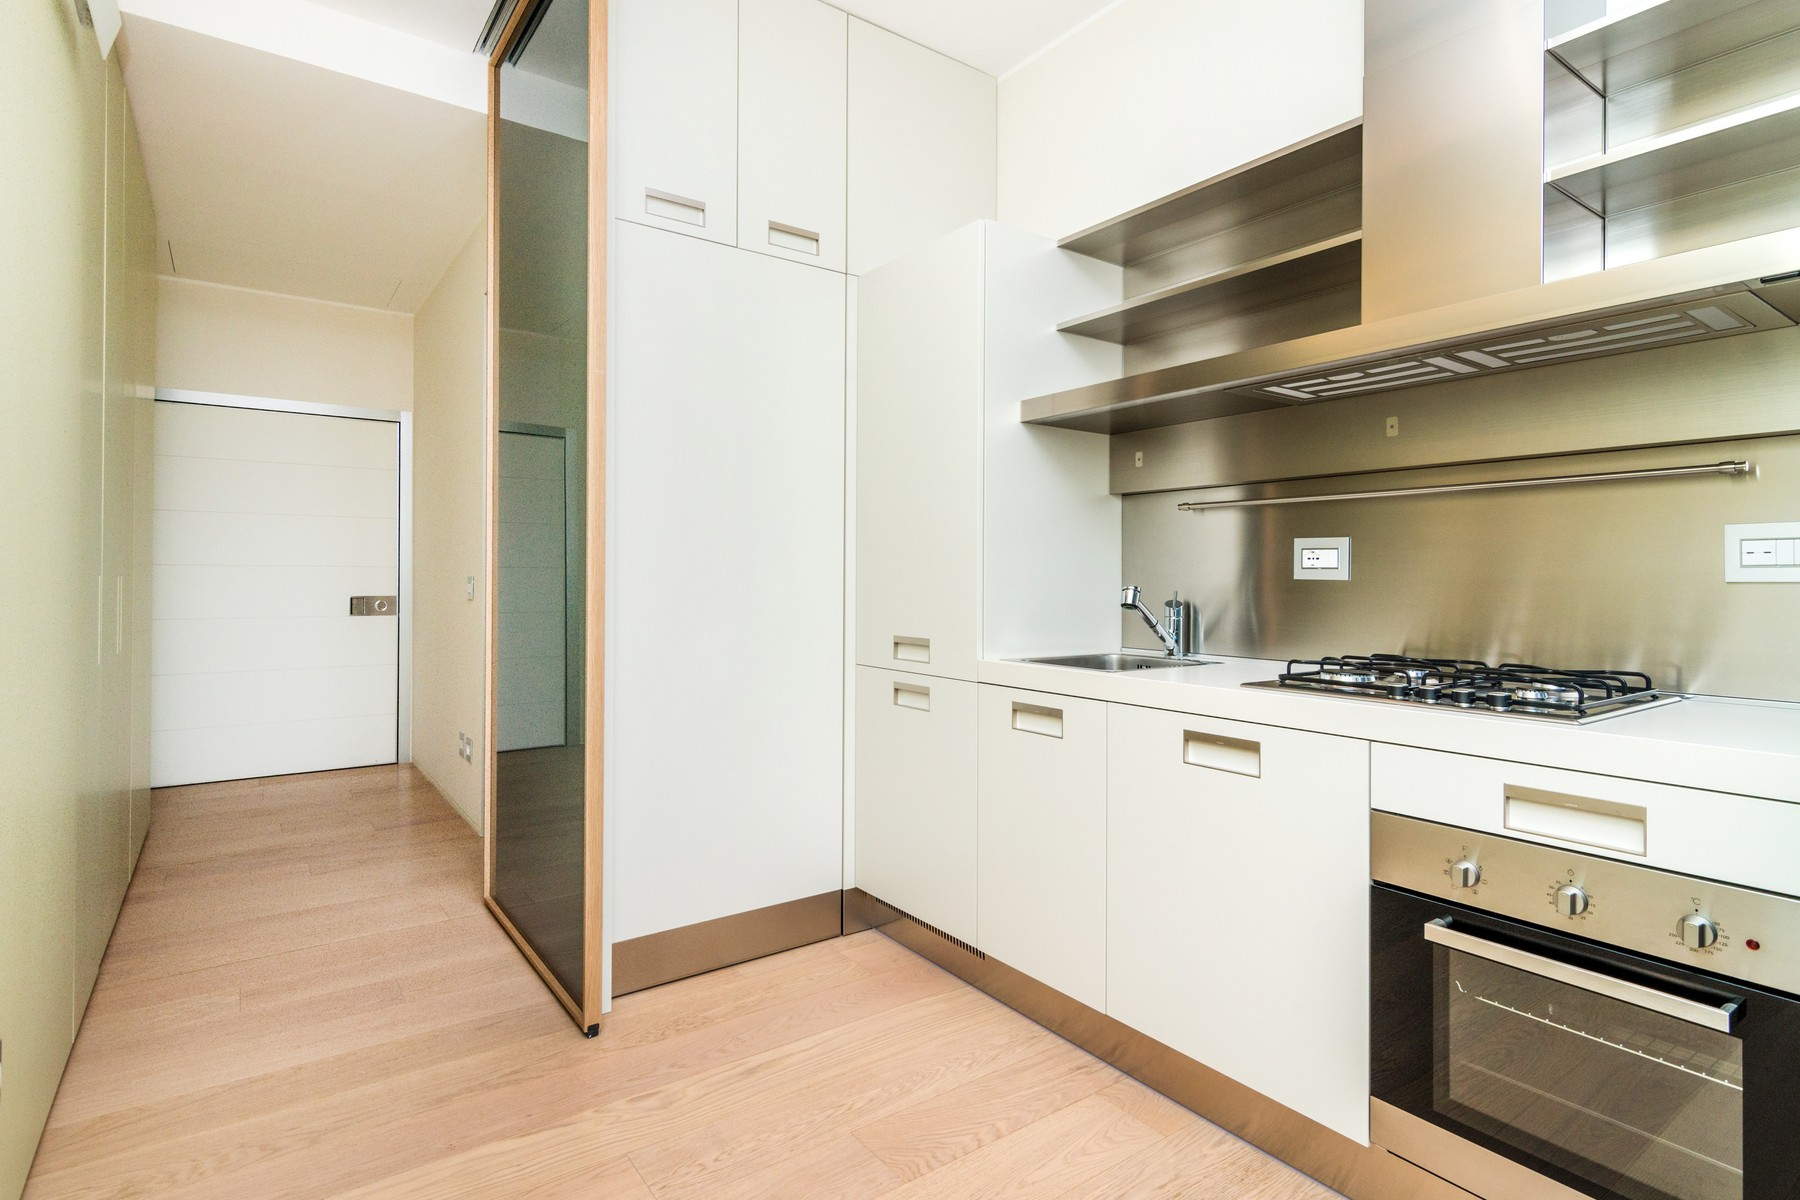 Appartamento in Affitto a Milano: 2 locali, 96 mq - Foto 4